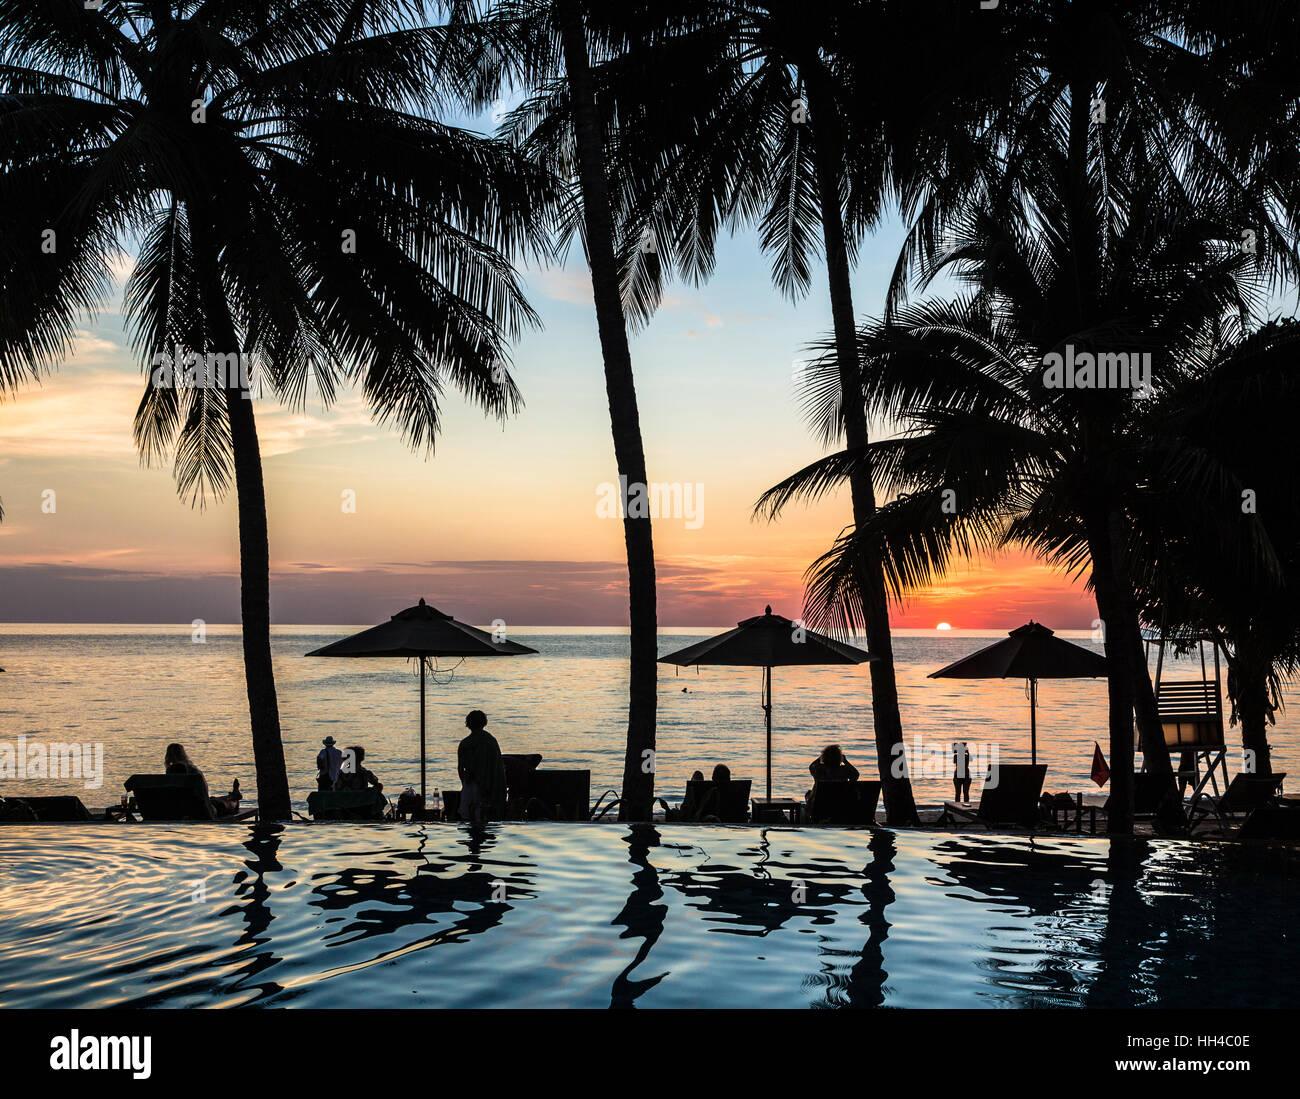 Atemberaubenden Sonnenuntergang mit Palmen, die Reflexion über das Schwimmbad in Koh Chang, einer beliebten Stockbild